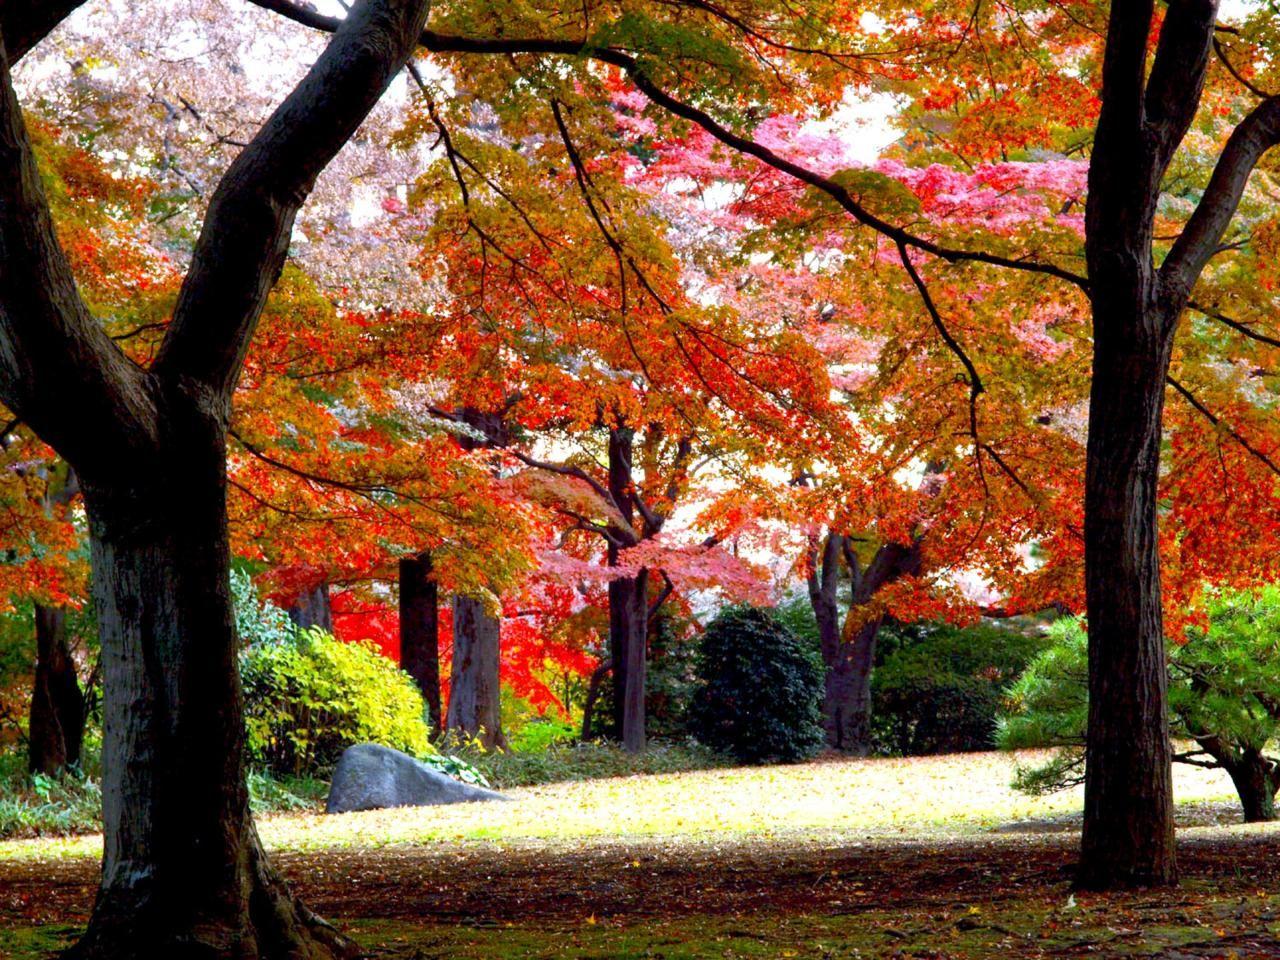 都会の喧騒を忘れ武蔵野の秋を感じる「殿ヶ谷戸庭園」